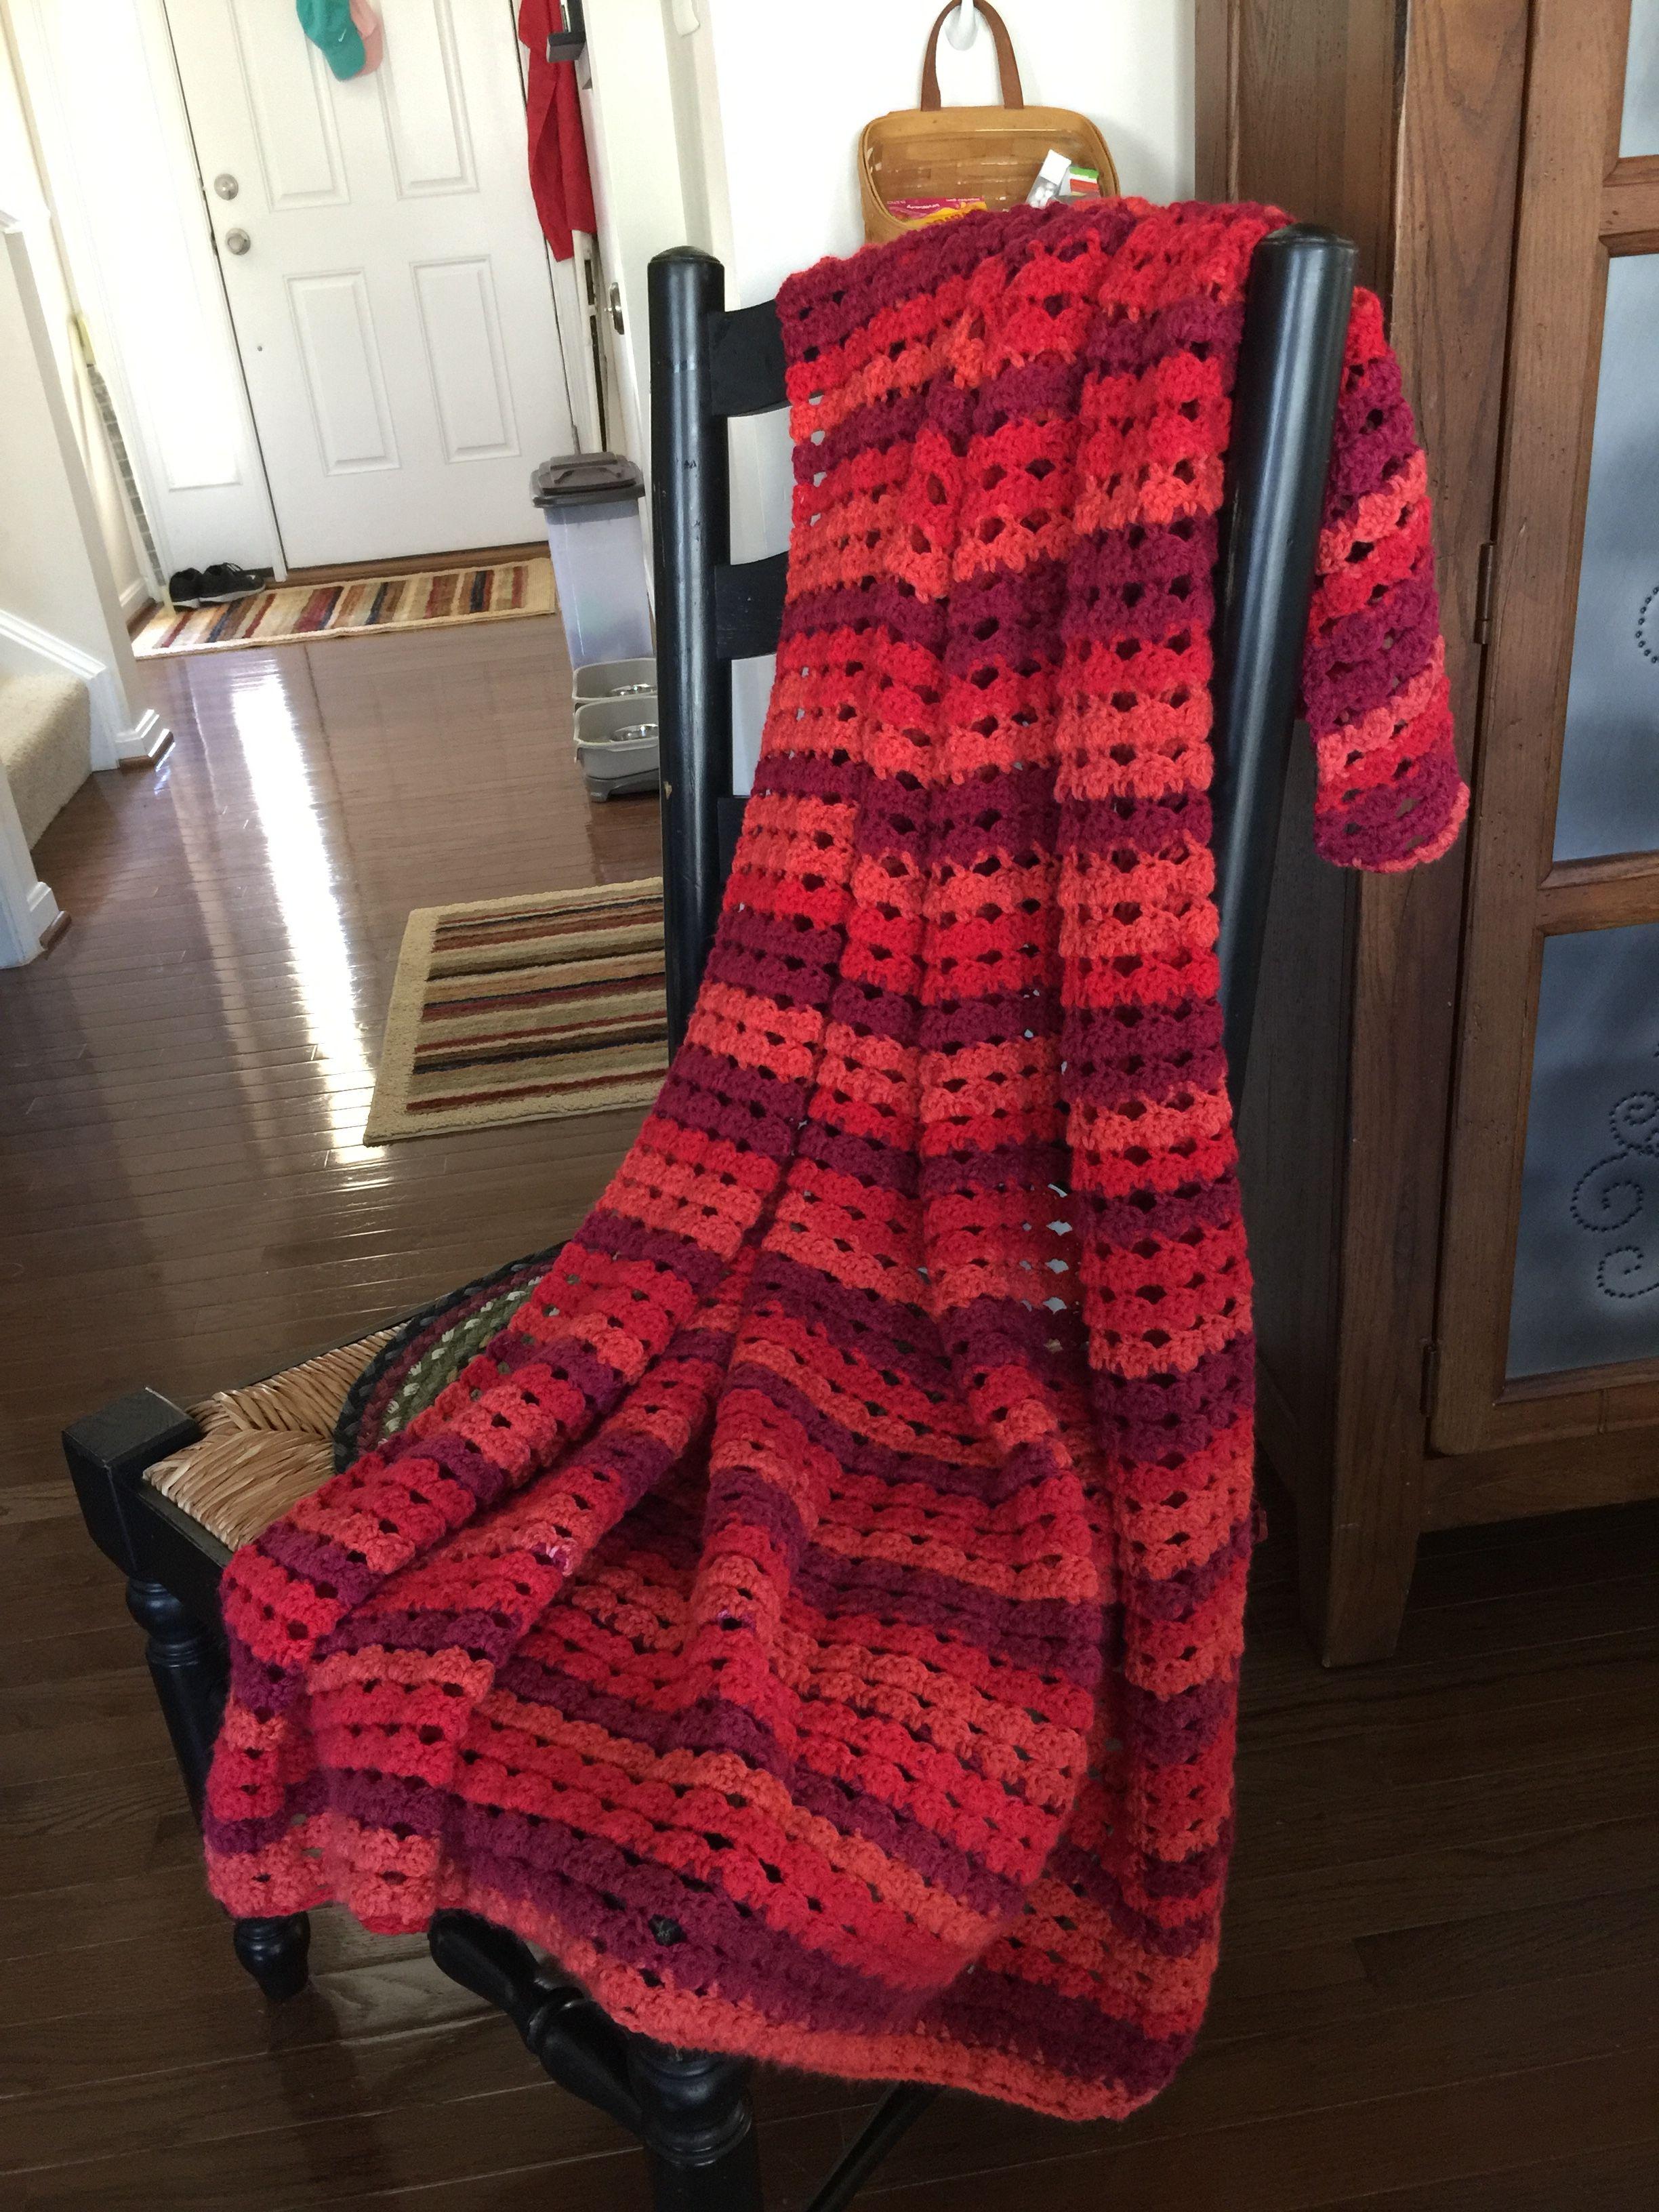 Crochet blanket in shells patternsweet roll yarn in cherry crochet blanket in shells patternsweet roll yarn in cherry swirl bankloansurffo Gallery